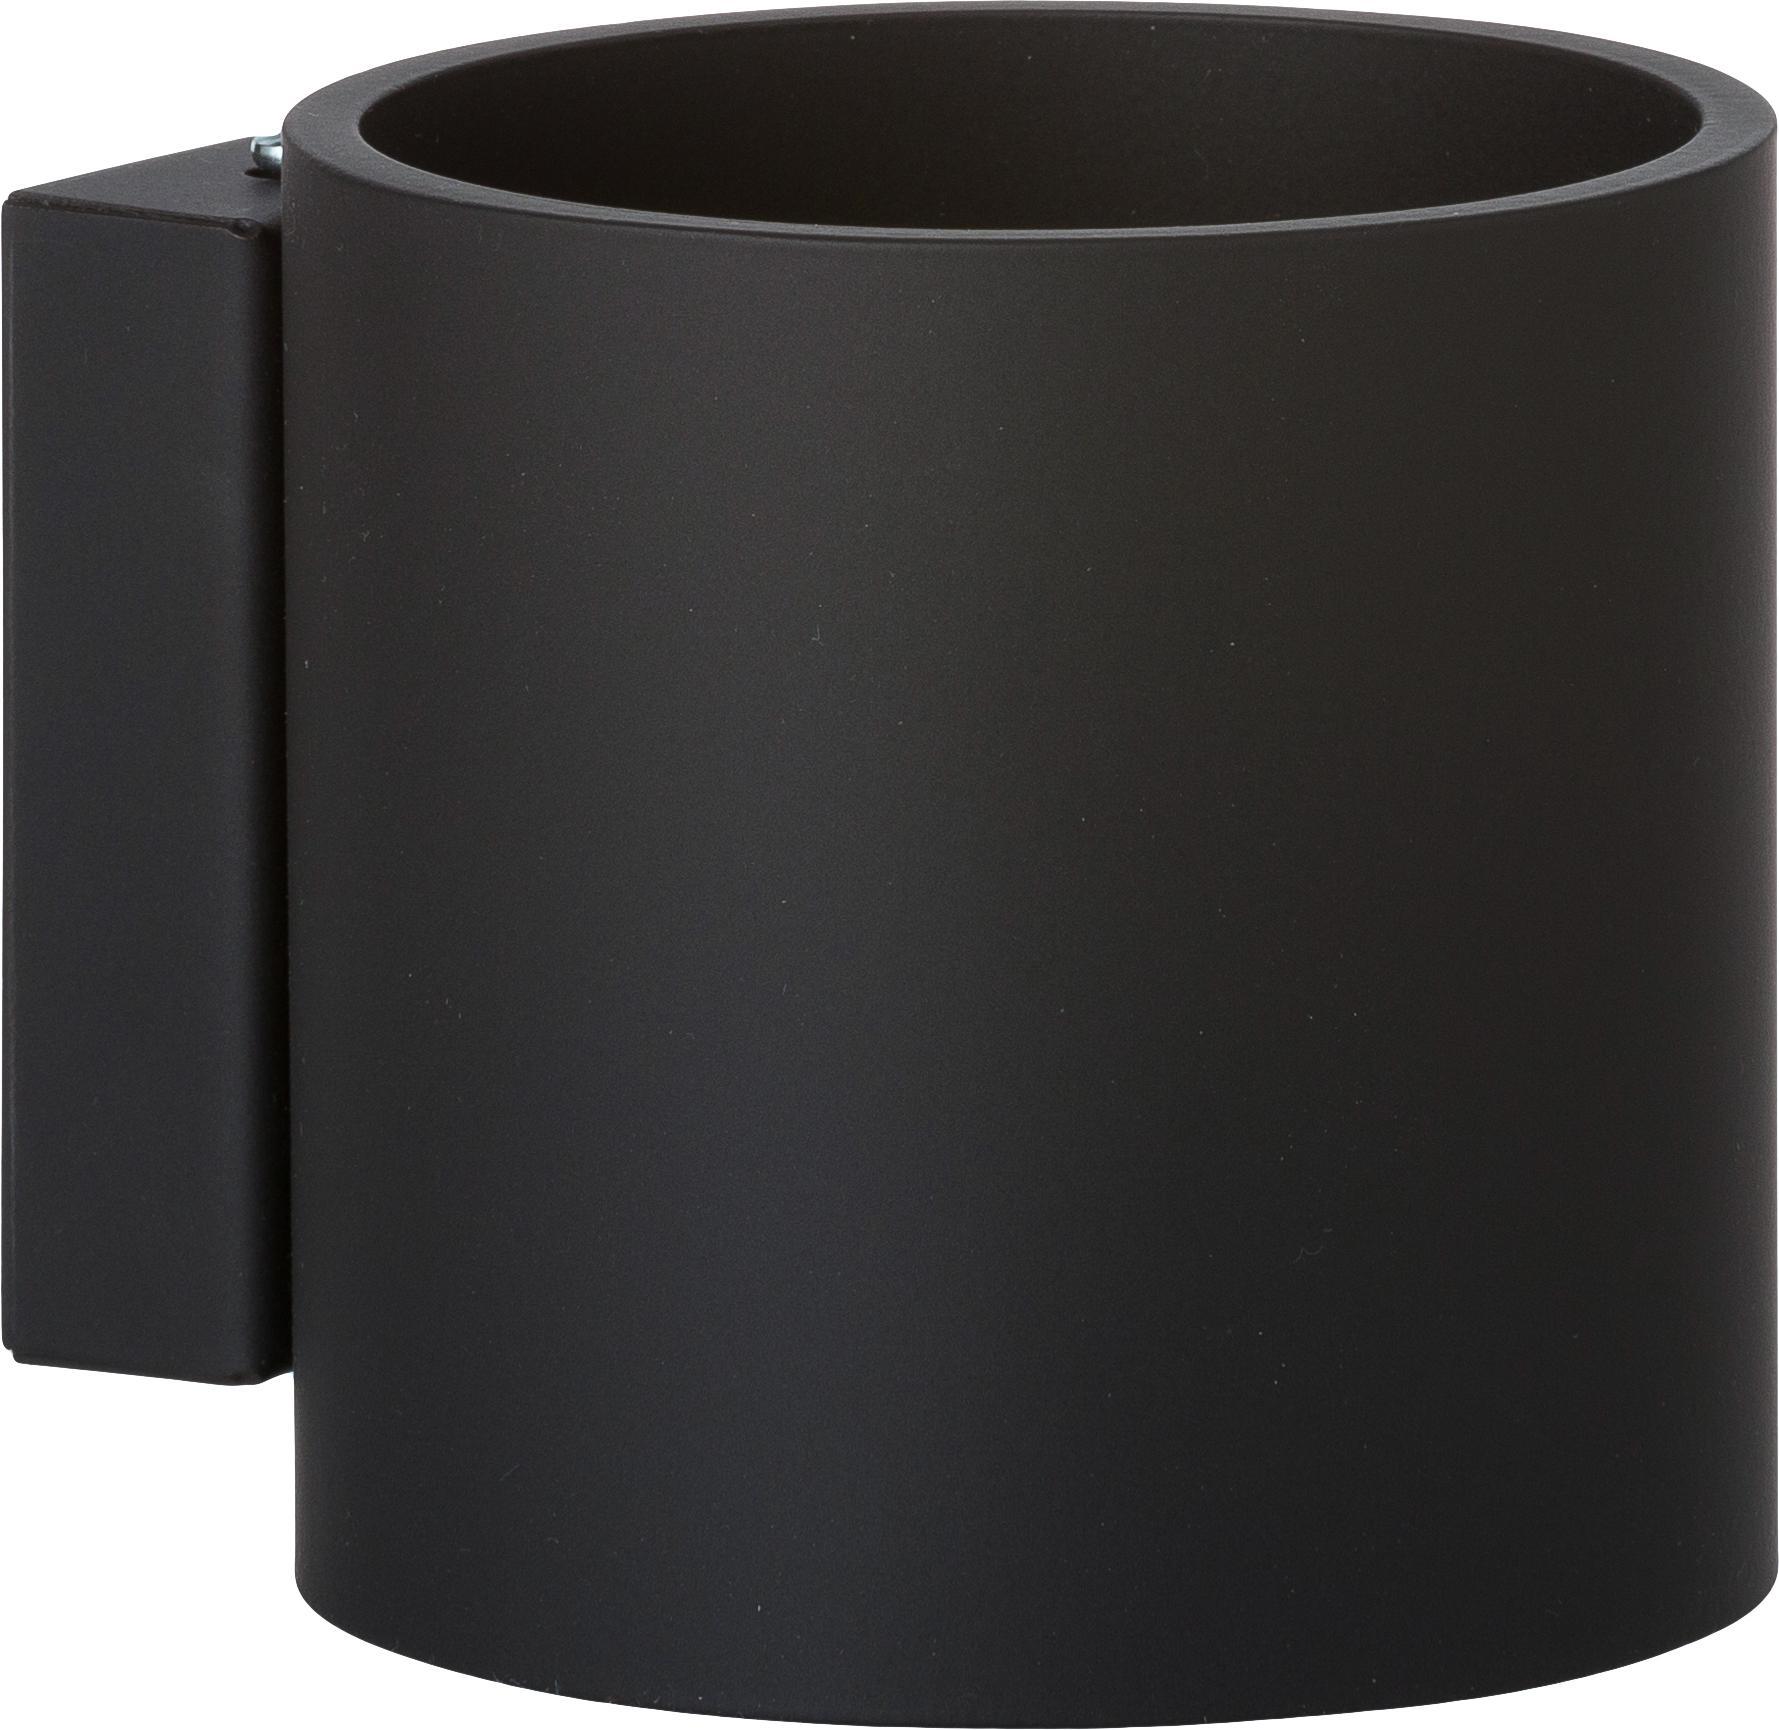 Applique Roda, Alluminio verniciato a polvere, Nero, Larg. 10 x Alt. 10 cm